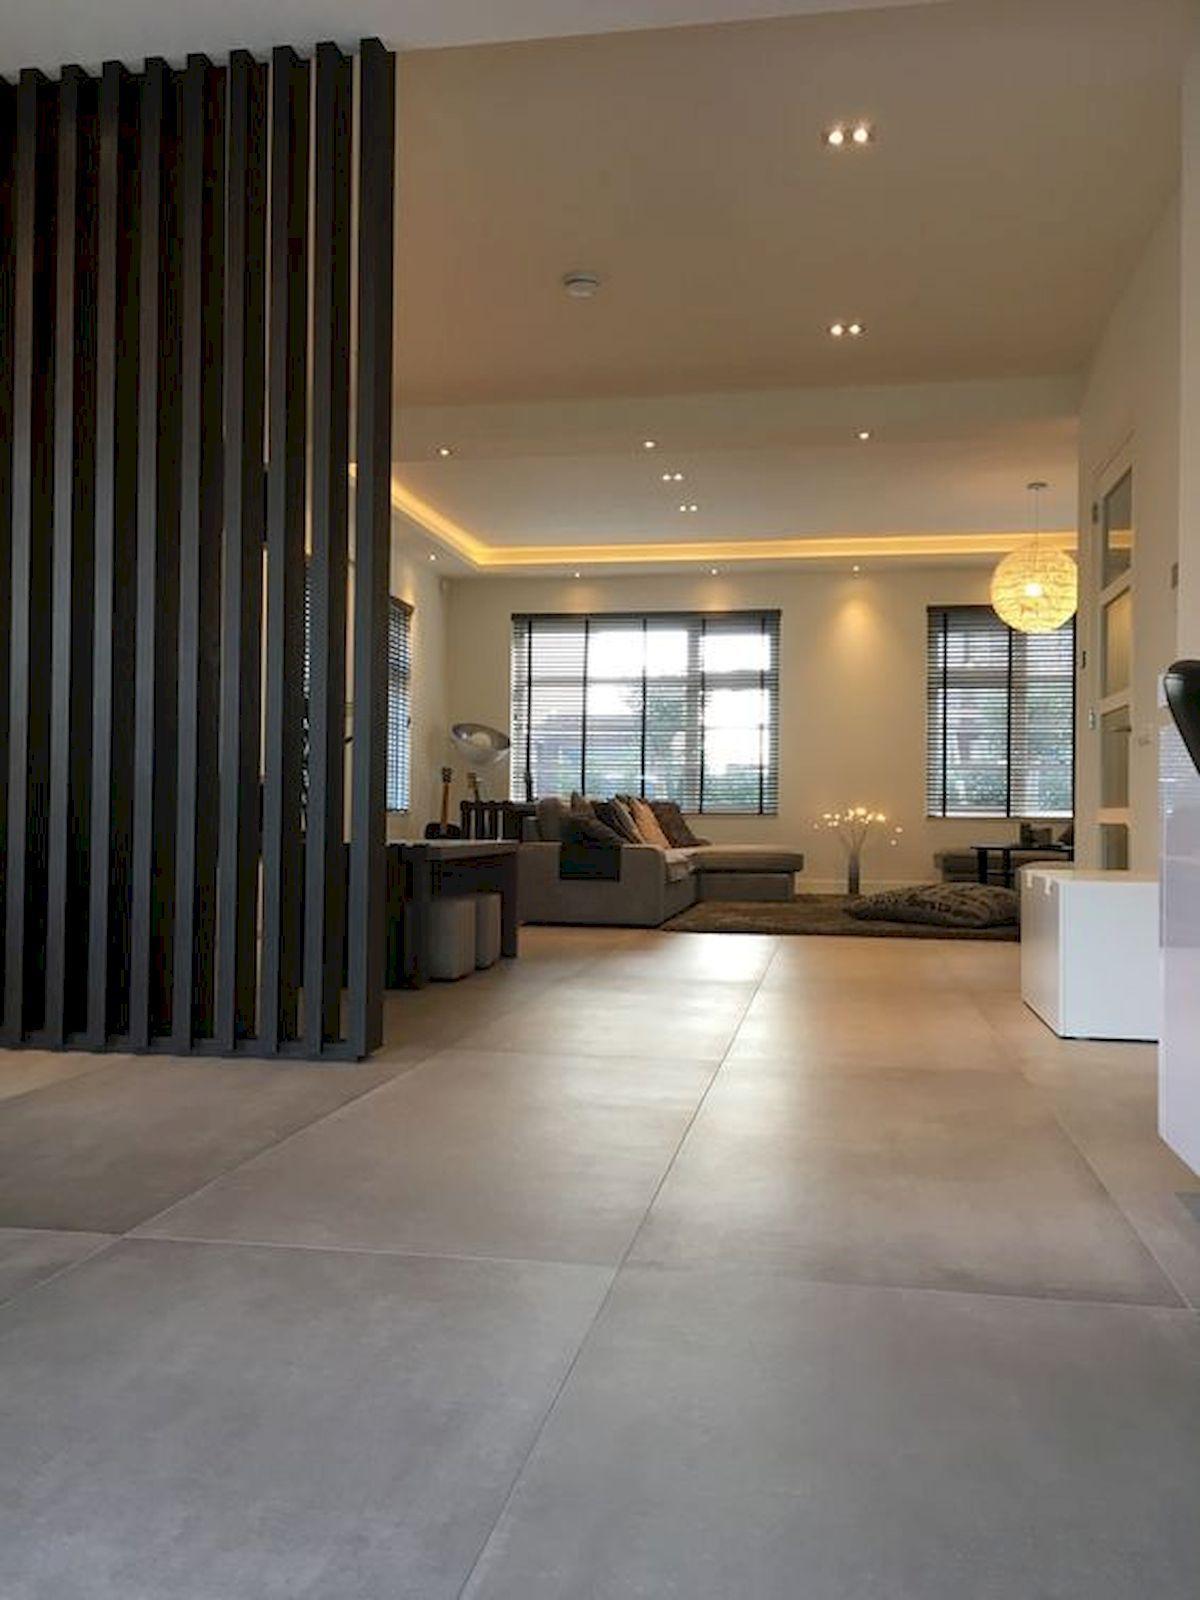 29+ Living room floor ideas 2020 information